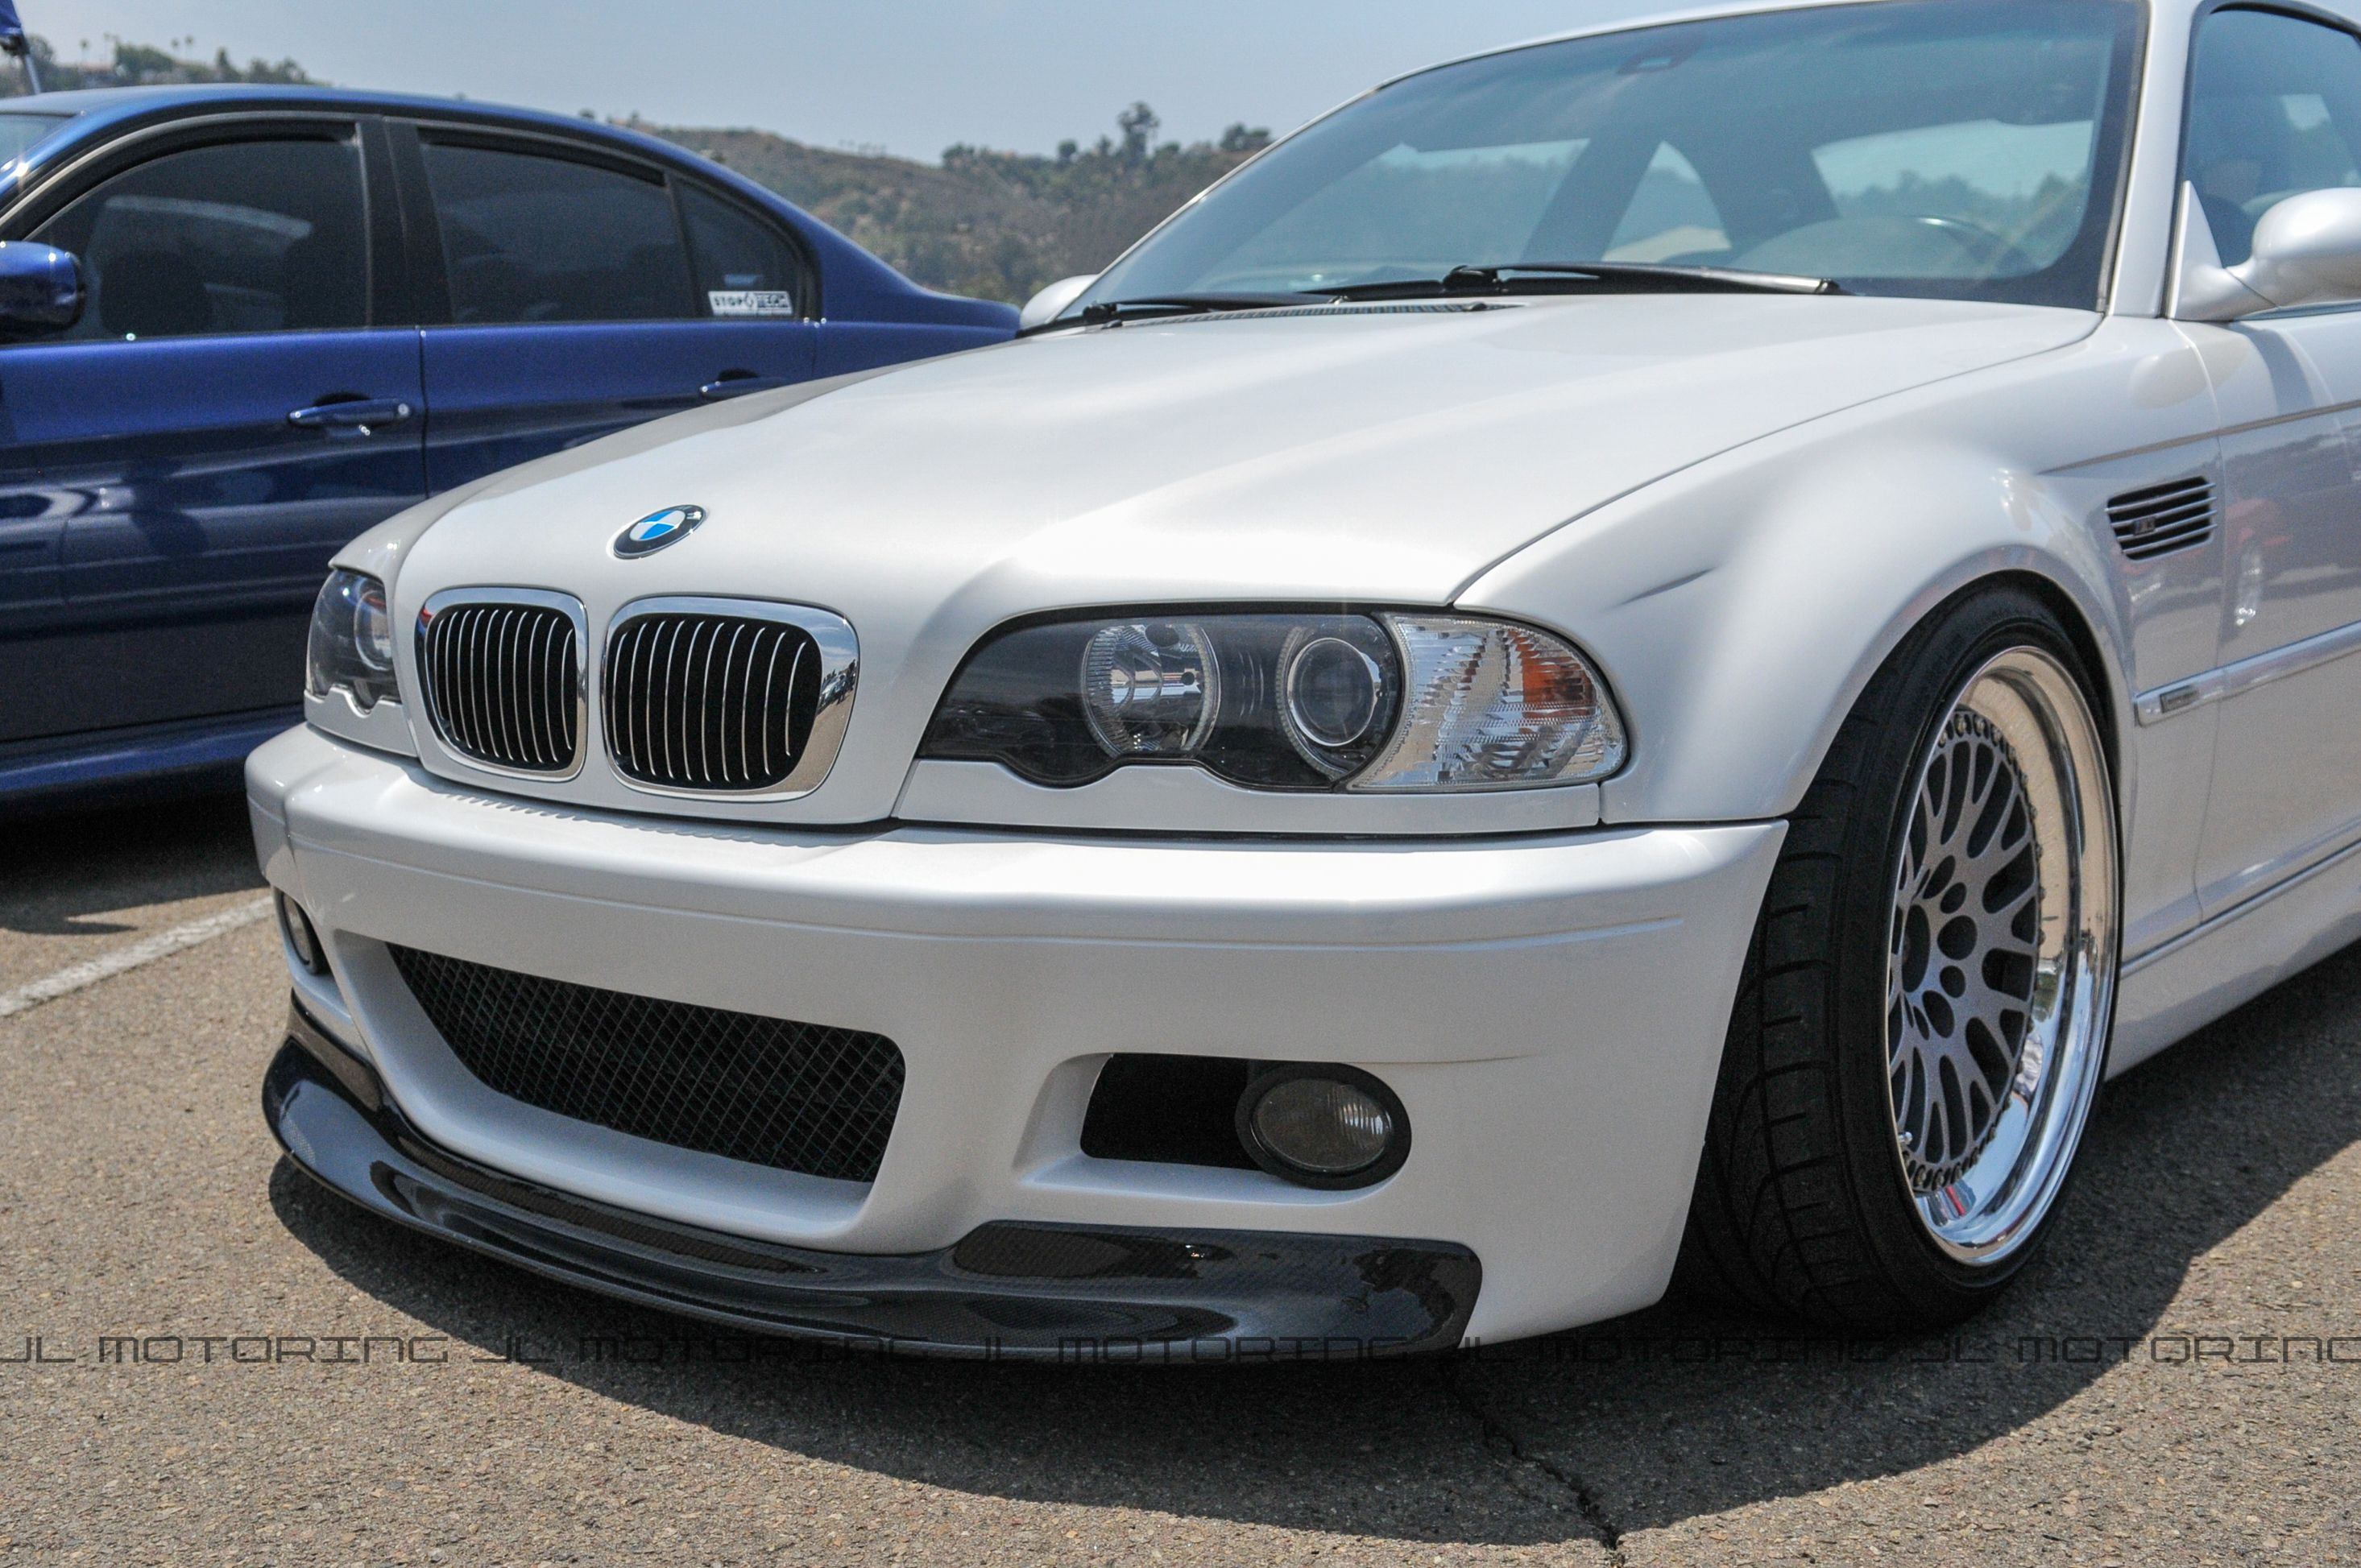 Bmw E46 M3 Csl Carbon Fiber Front Lip With Images Bmw Bmw E46